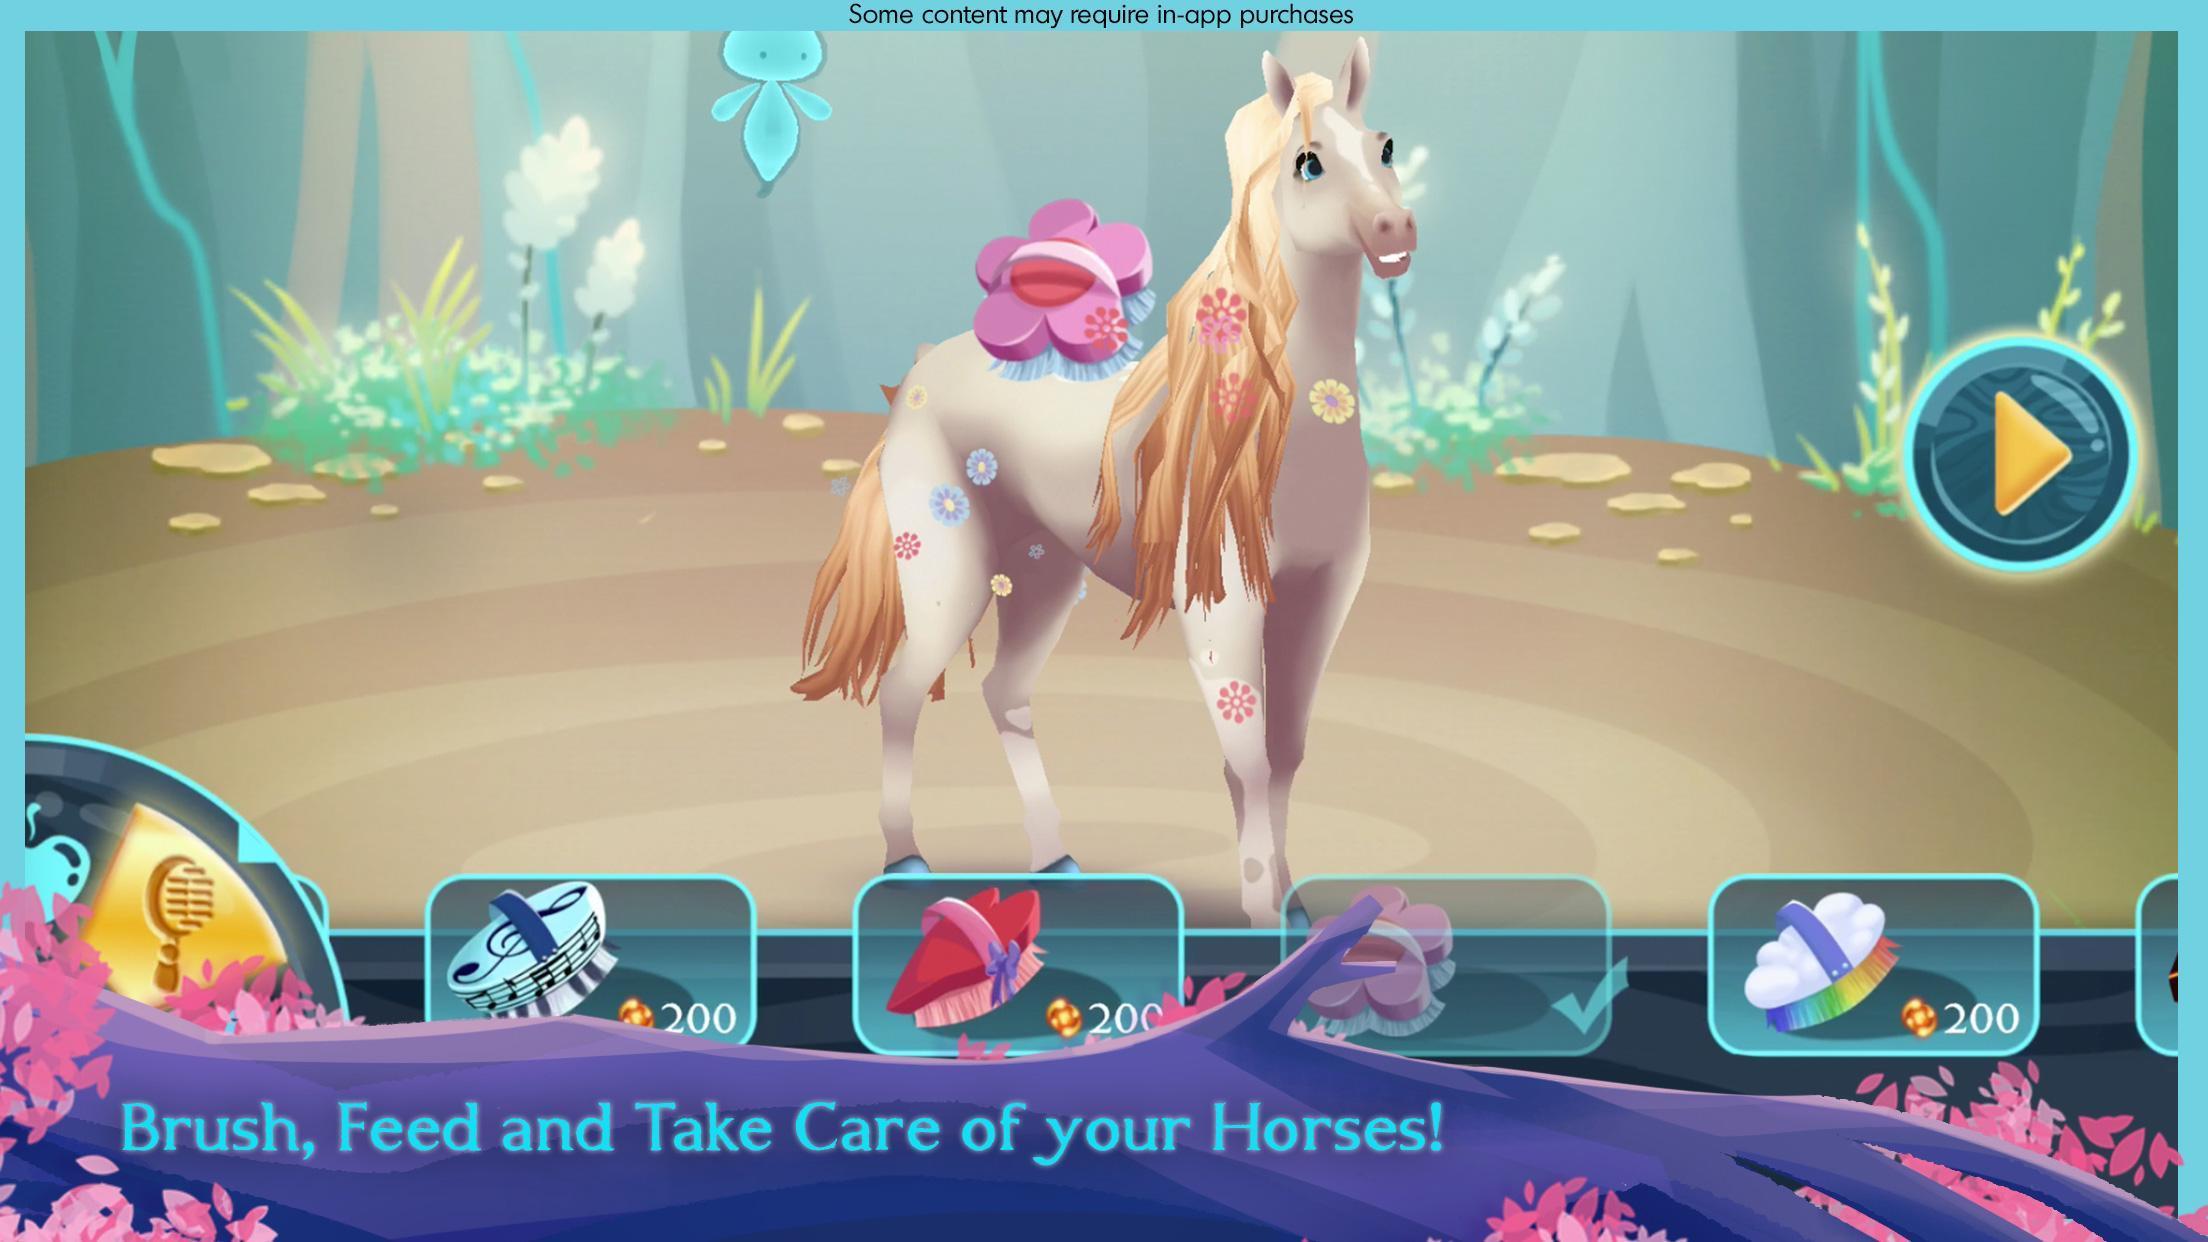 EverRun The Horse Guardians - Epic Endless Runner 2.3 Screenshot 5